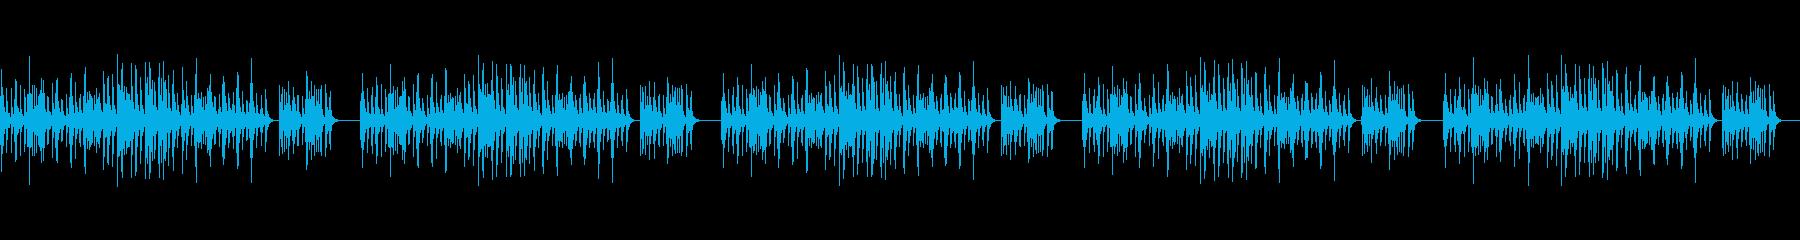 縁日の帰り道/和風/シンプルな琴のBGMの再生済みの波形